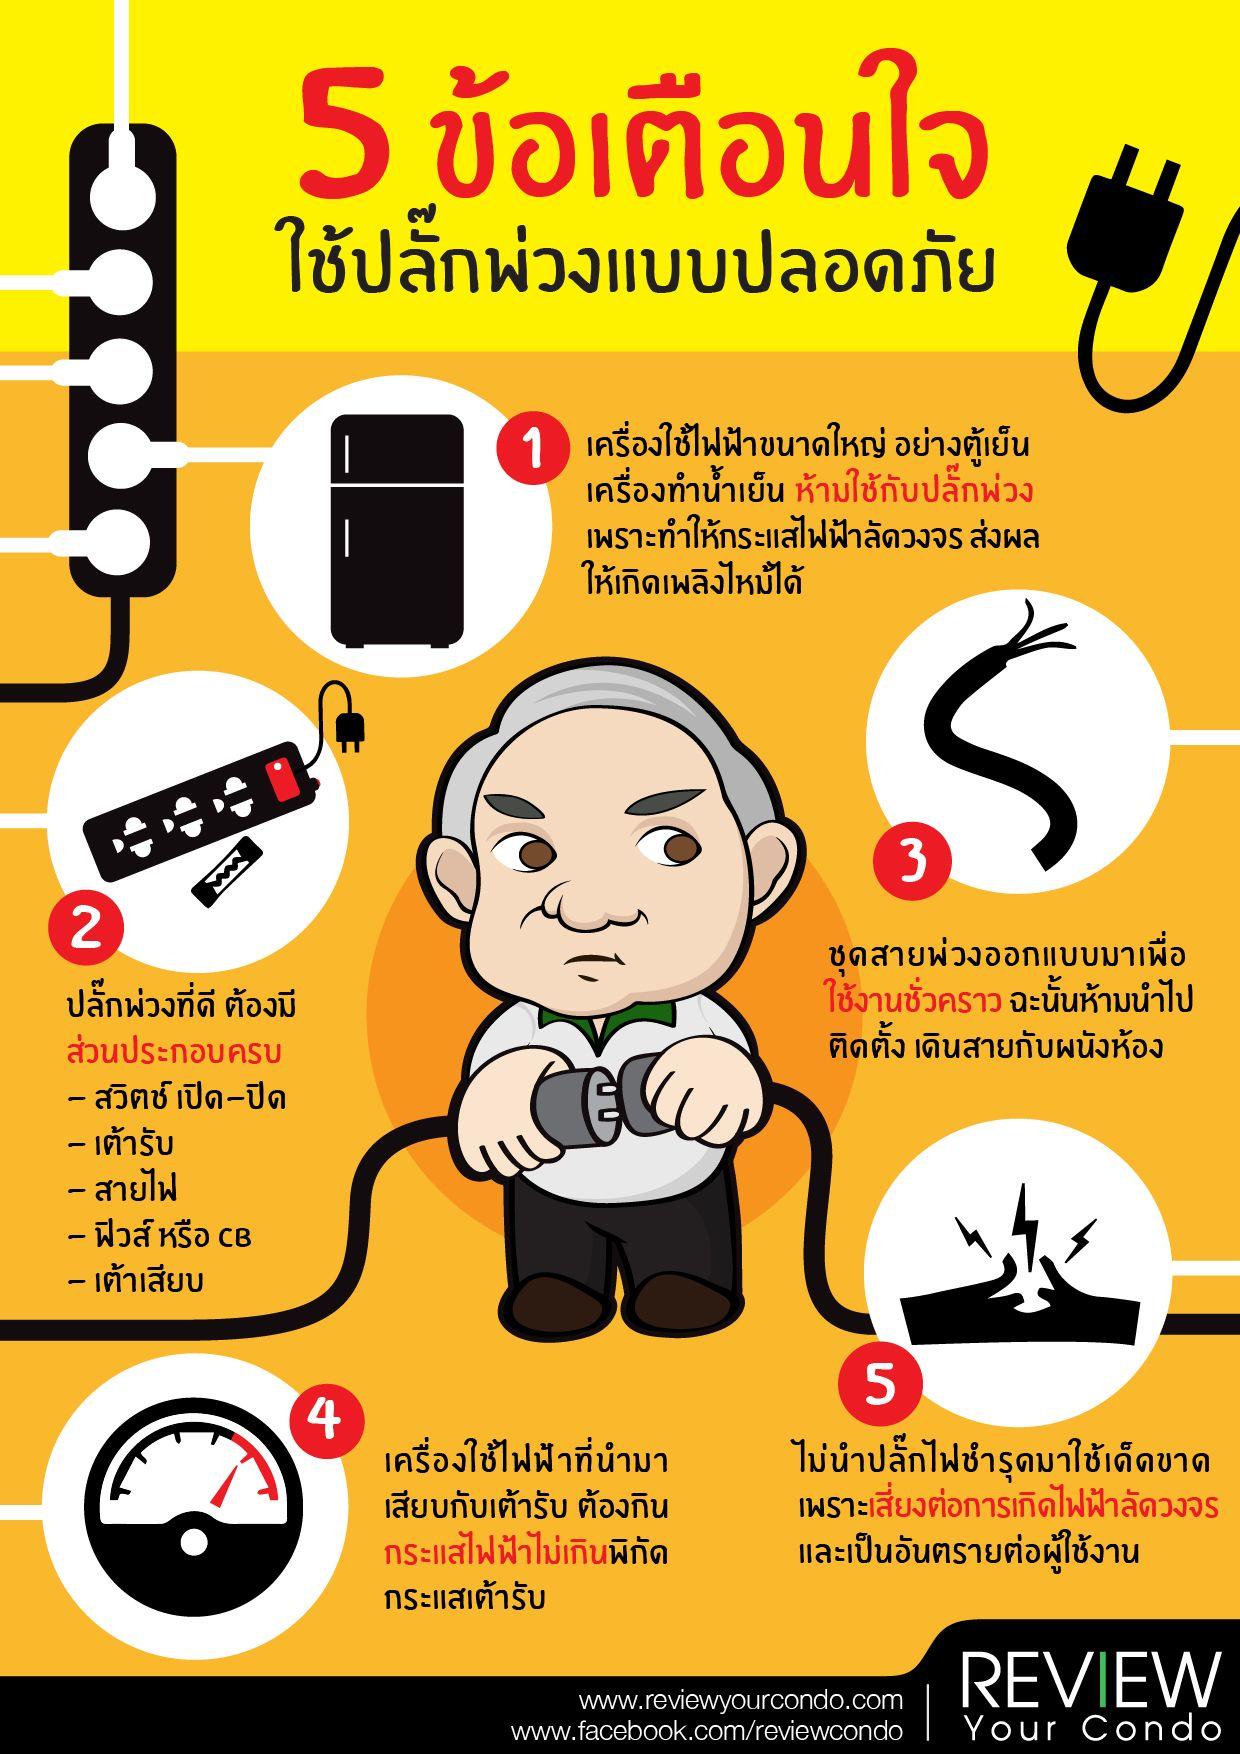 5 ข้อเตือนใจ ใช้ปลั๊กพ่วงแบบปลอดภัย